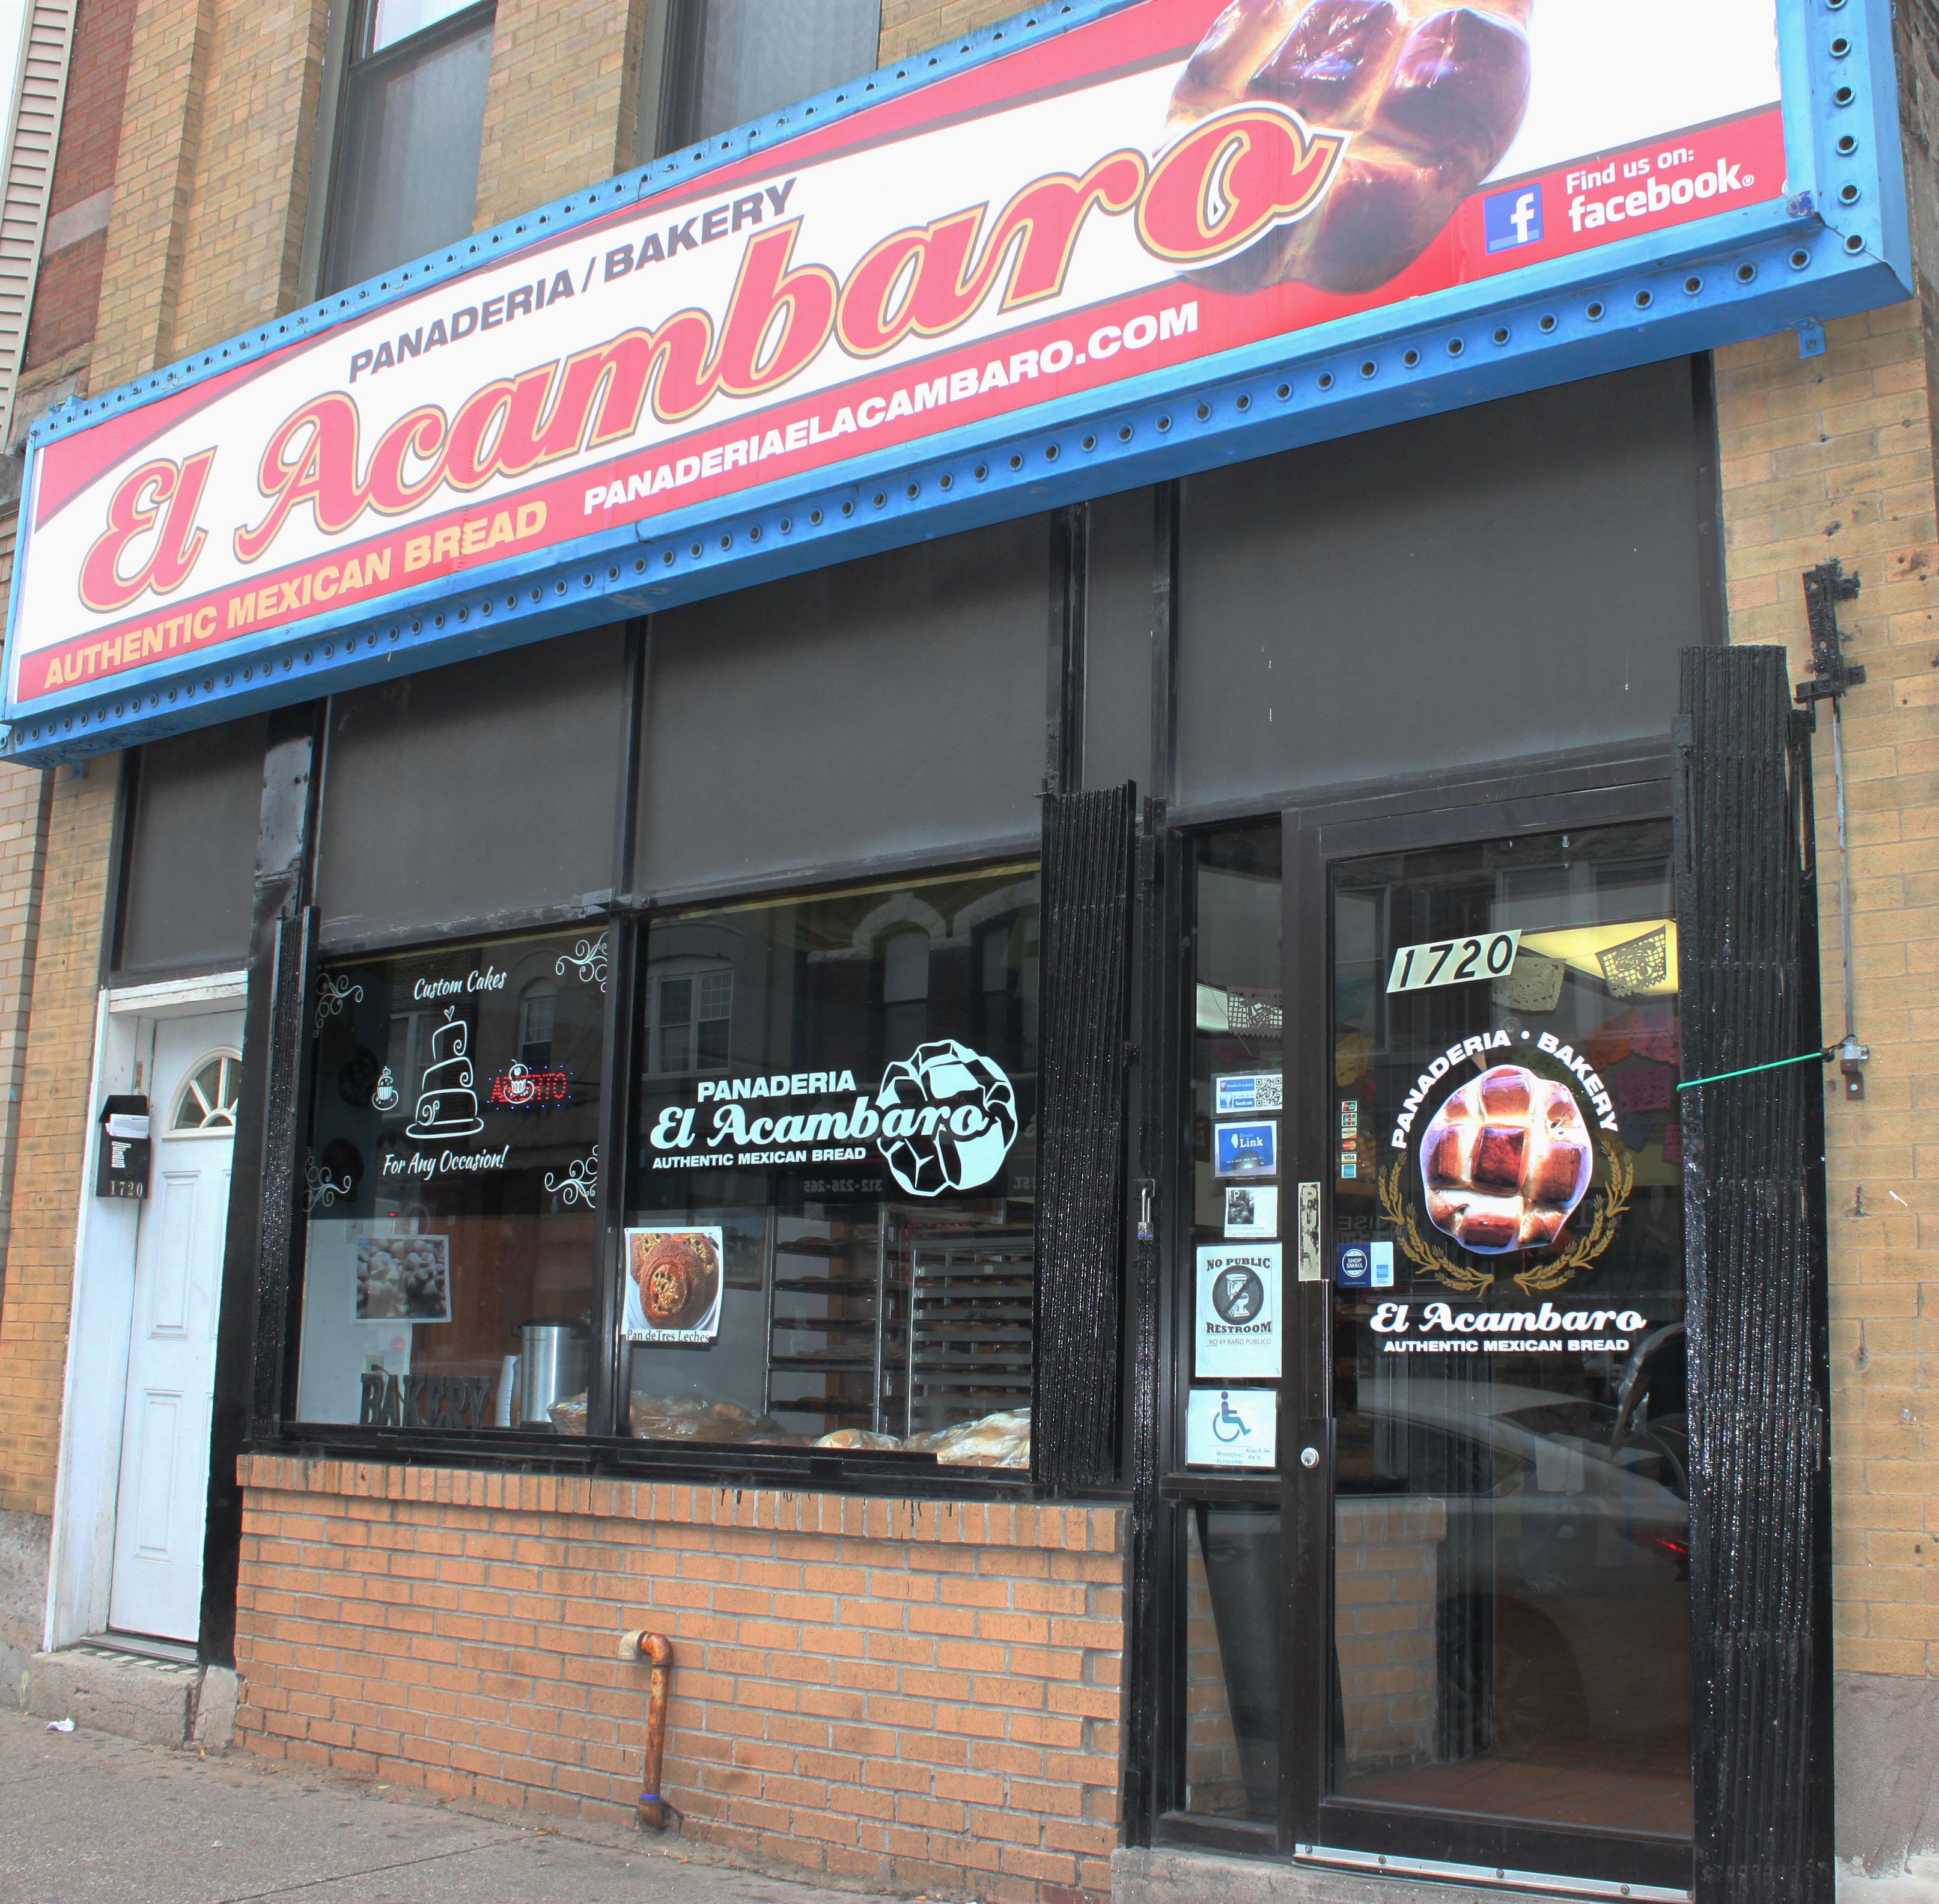 Bakery El Acambaro. (Jocelyne Nunez, 14 East)